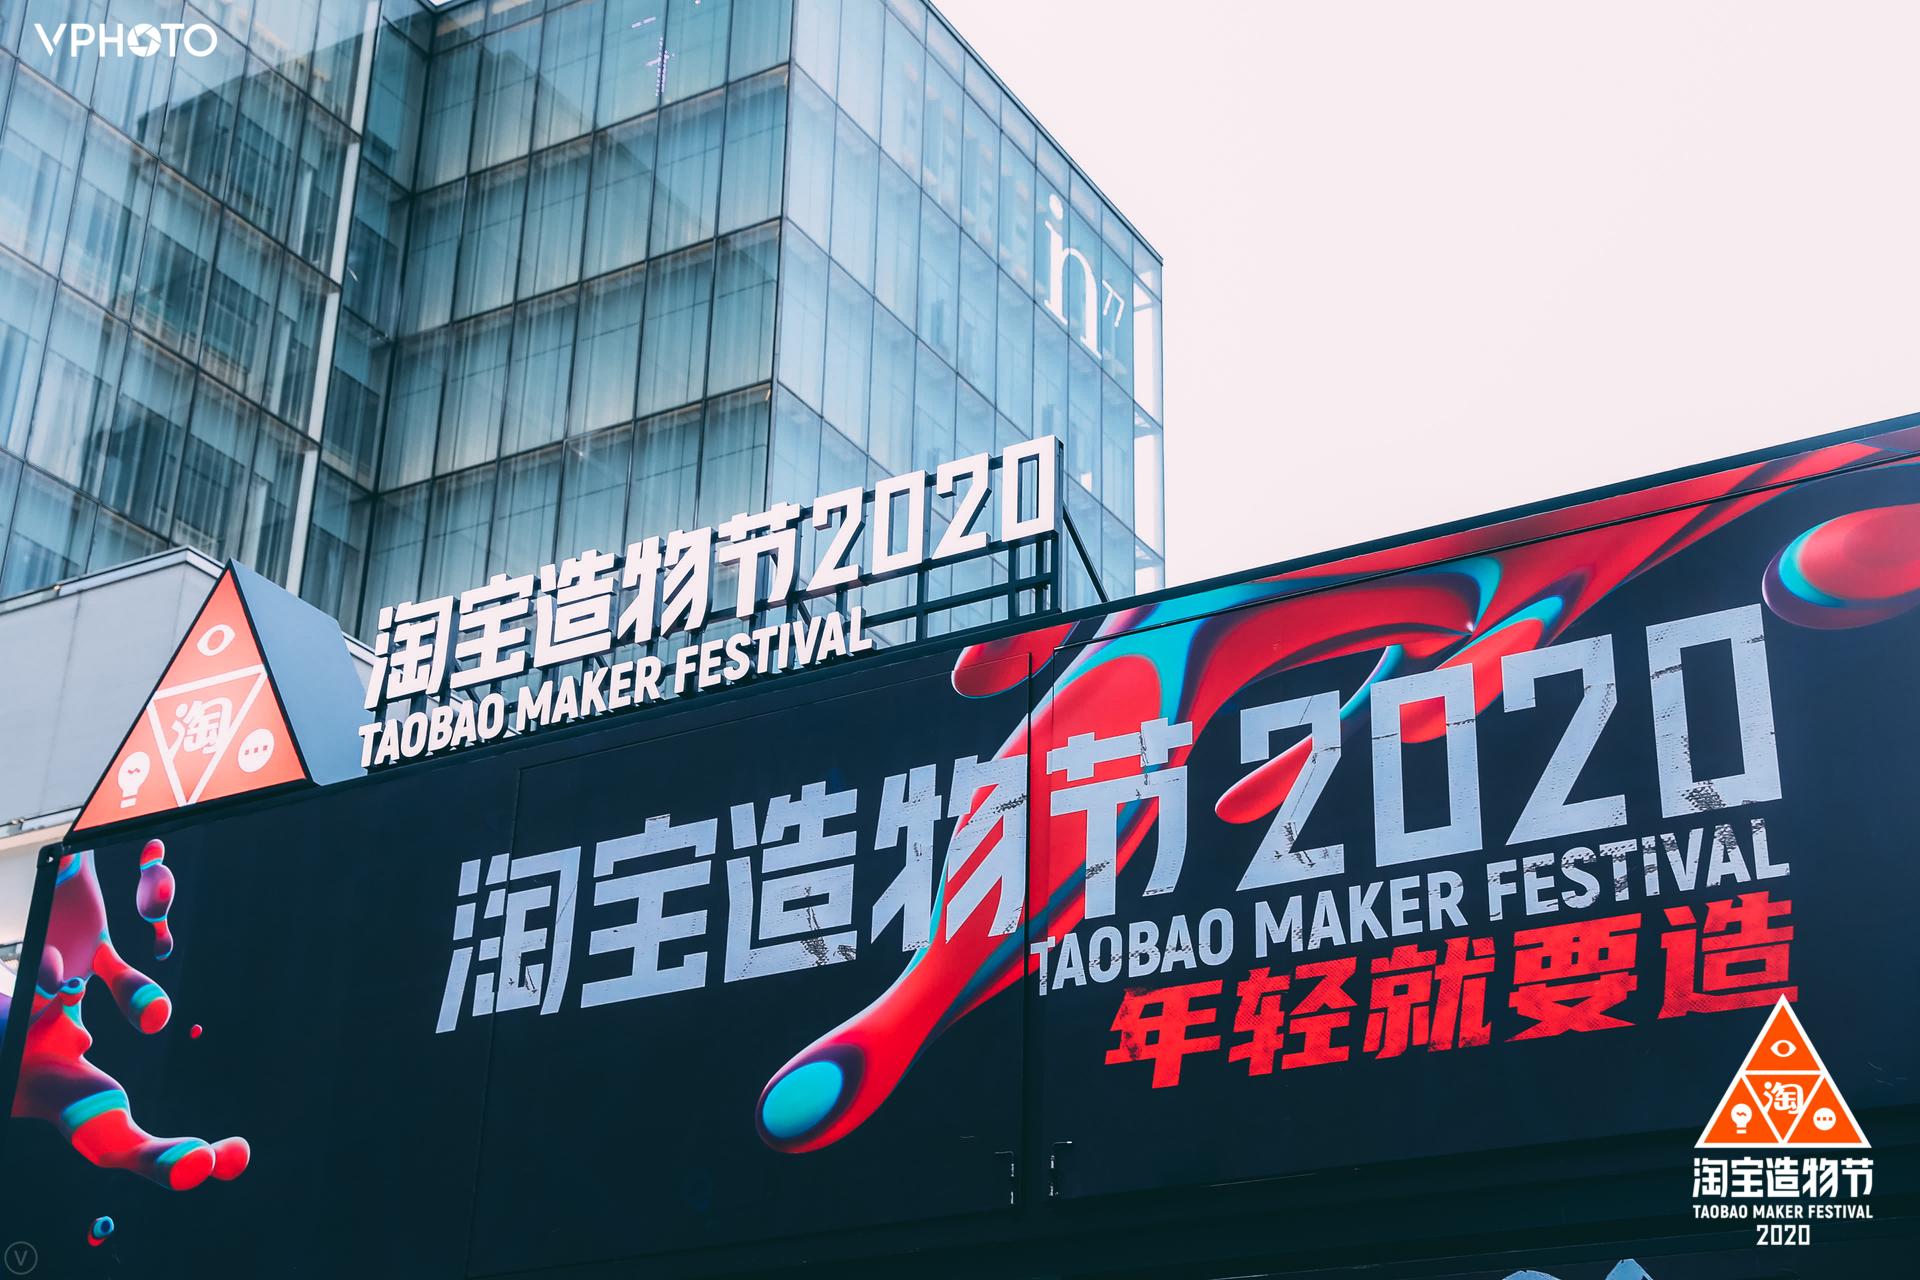 なぜアリババはタオバオ・メーカー・フェスティバルを開催するのか